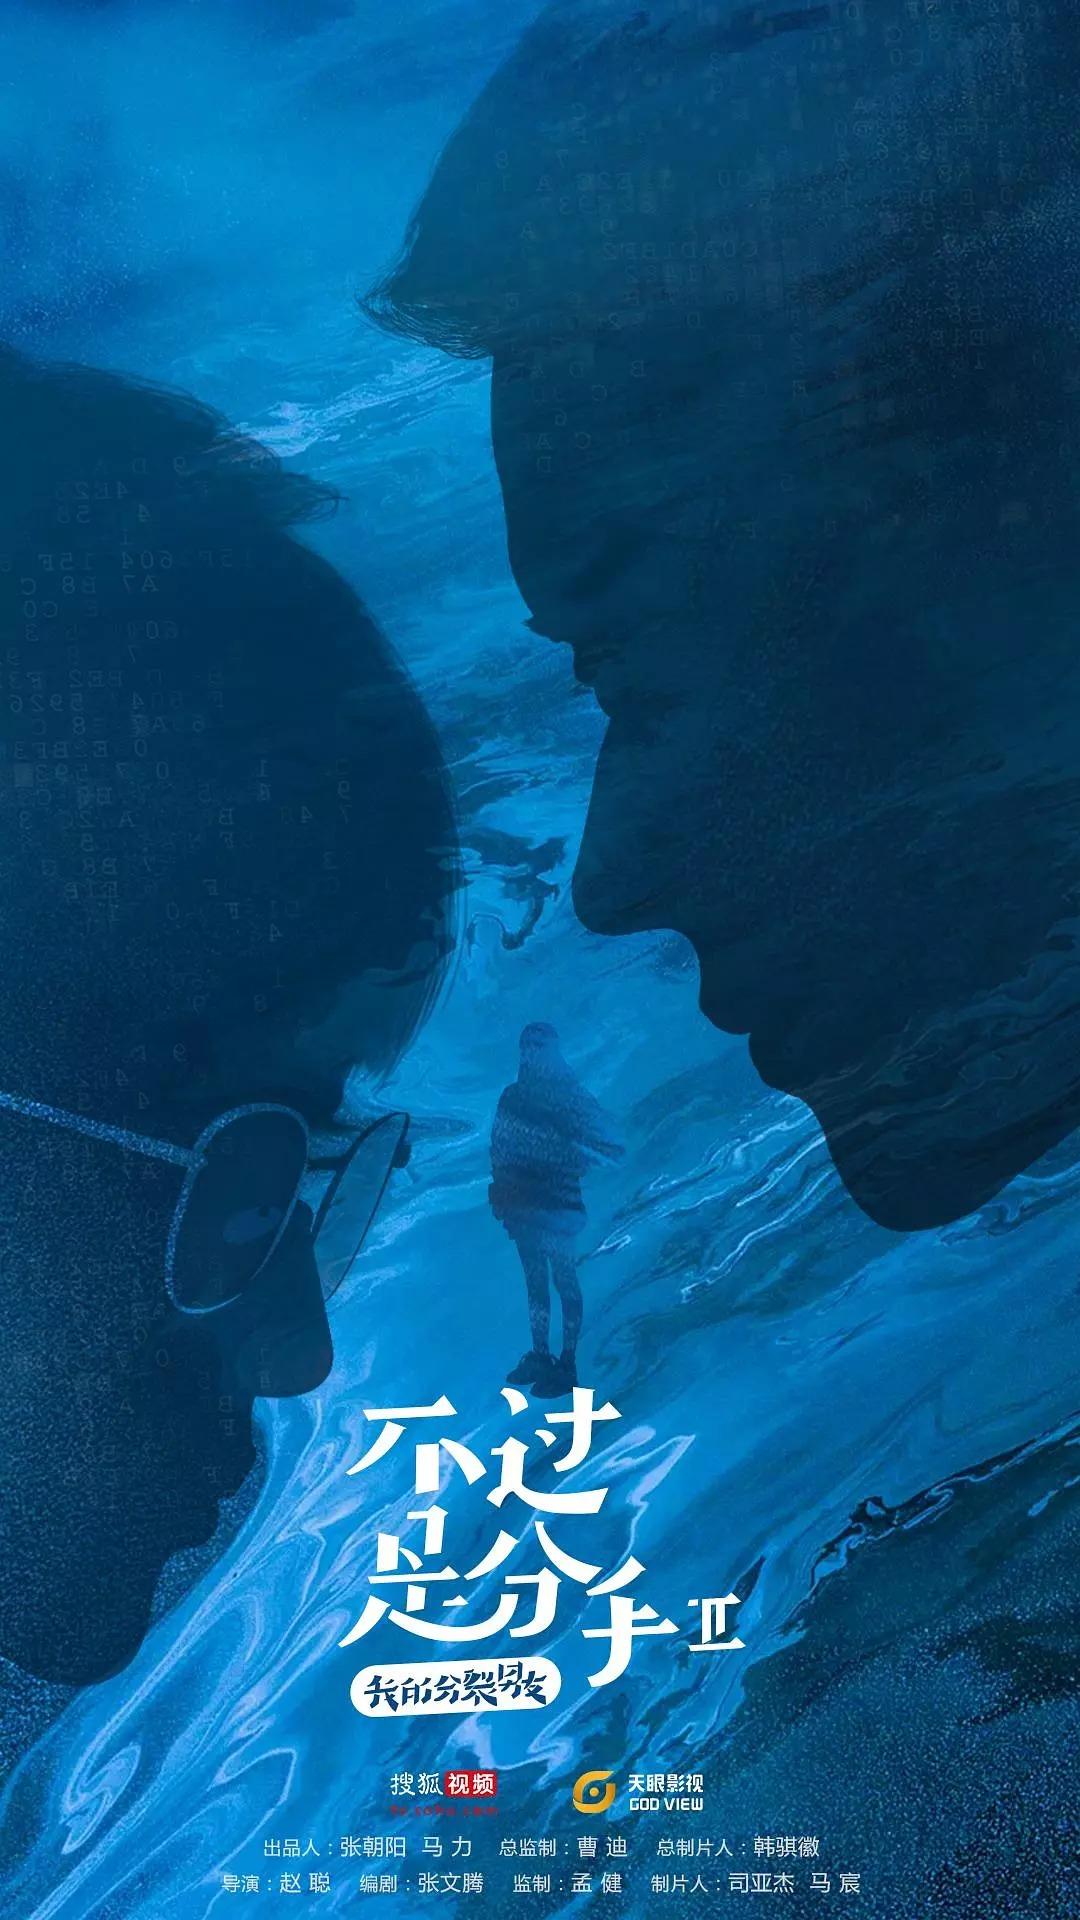 2003年张韶涵许绍洋霍建华主演电视剧《海豚湾恋人 海豚灣戀人》全集百度云盘&迅雷下载